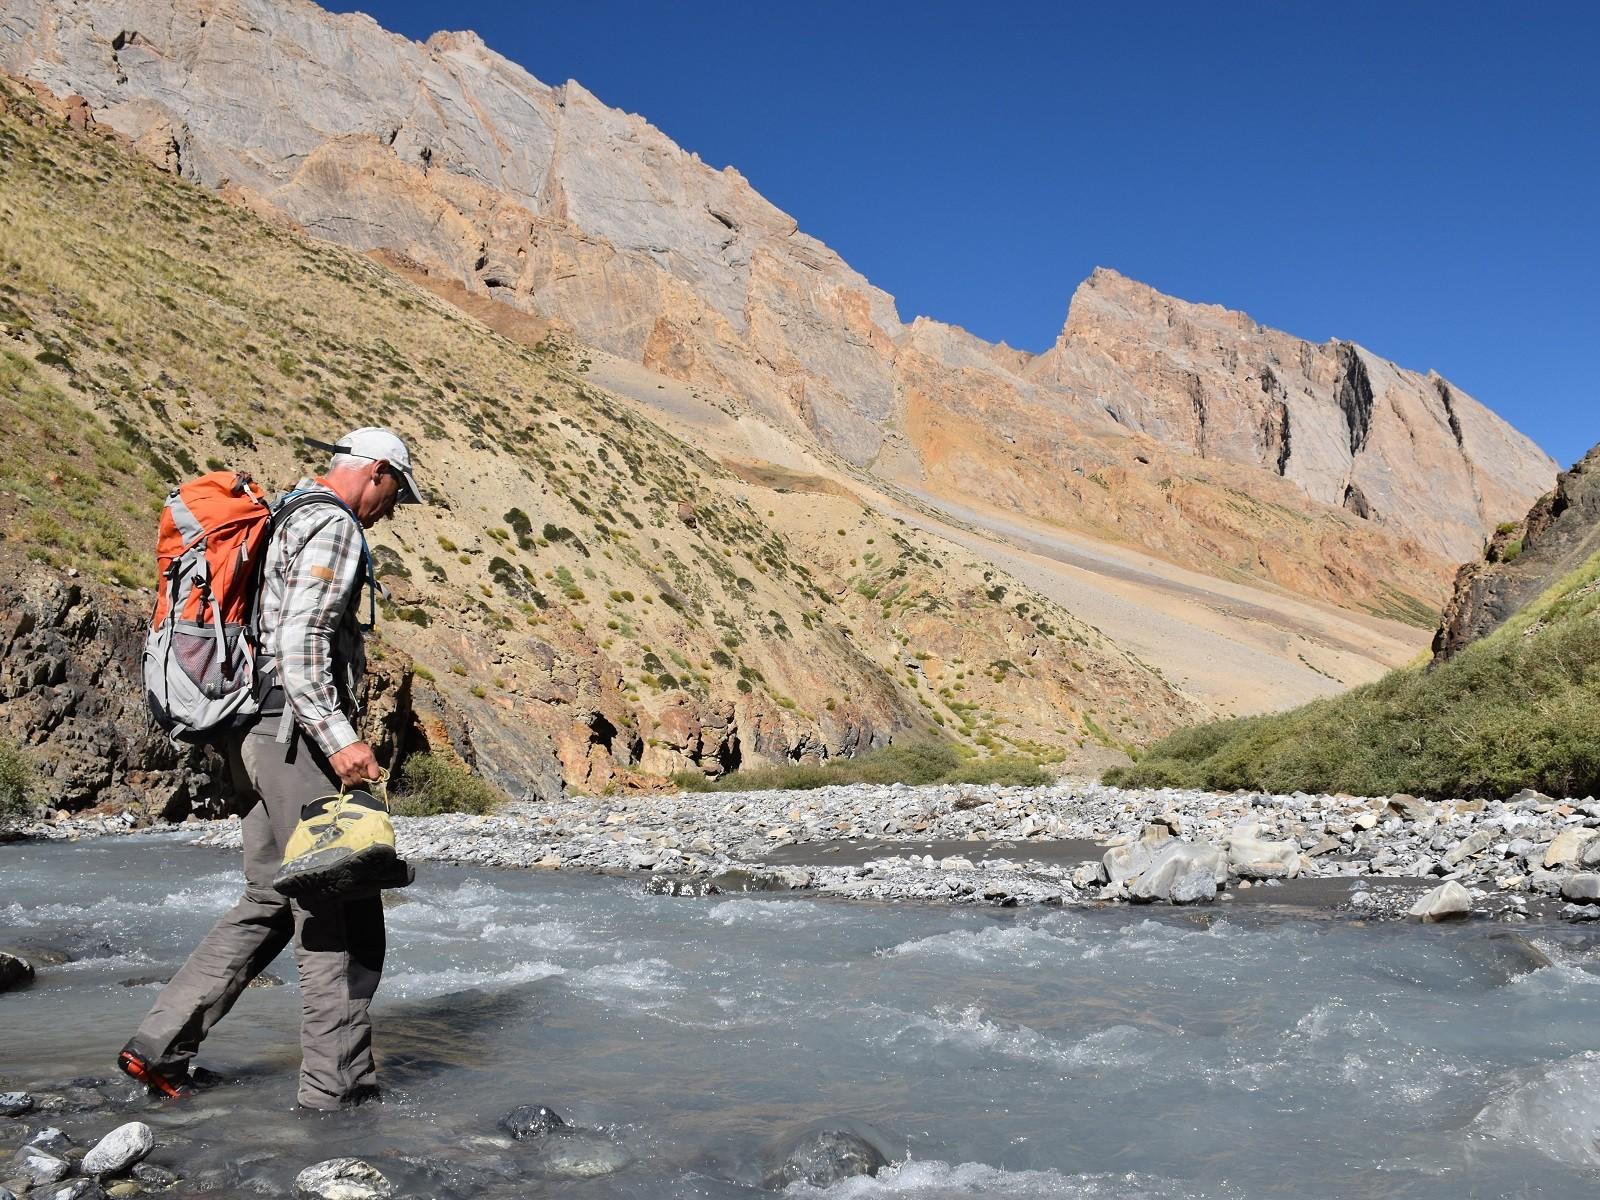 Zanskar Wild & Remote - 28 Days